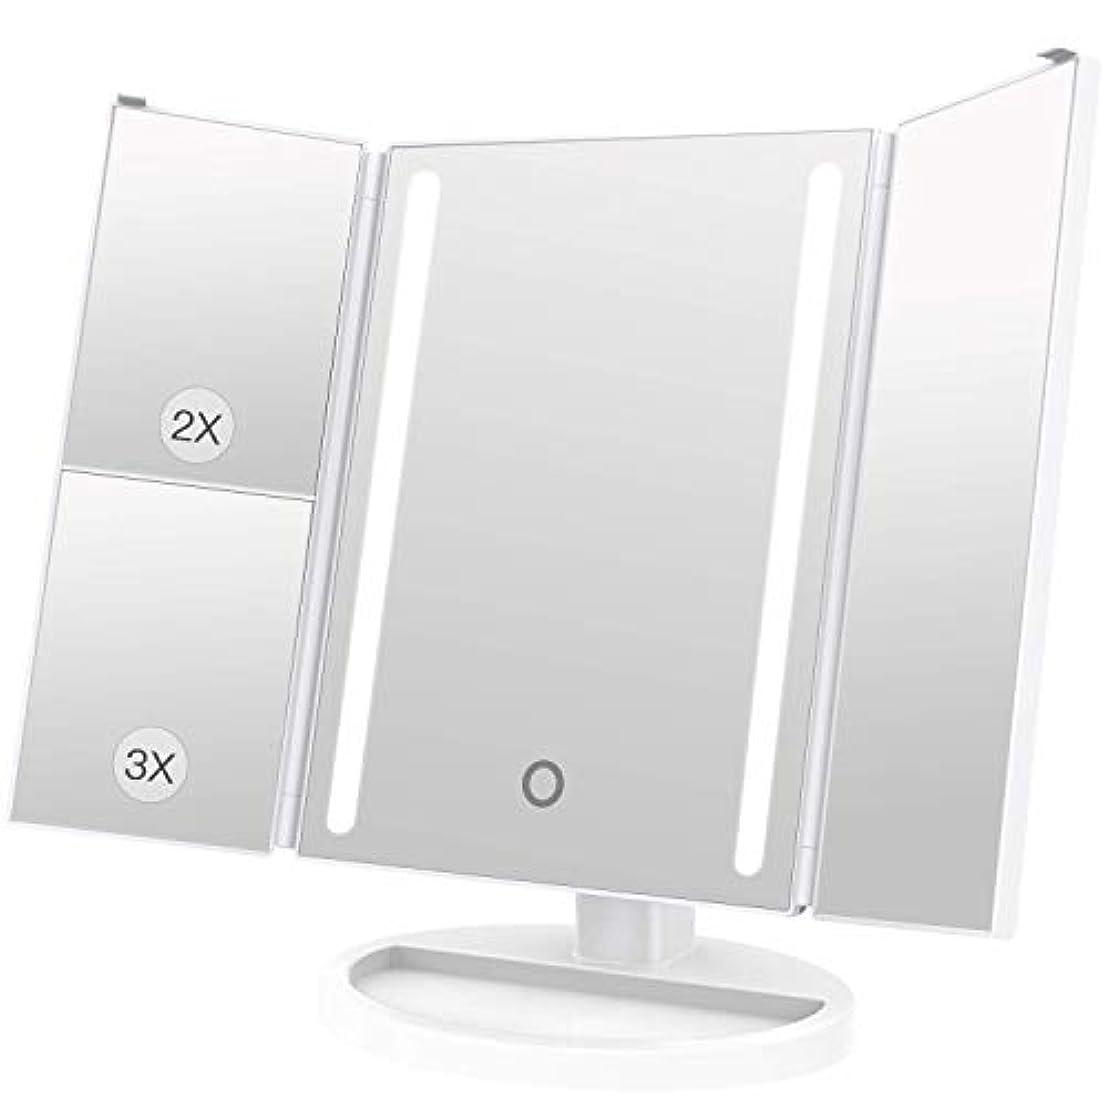 新しい意味存在設置LEEPWEI 化粧鏡 LED 三面鏡 2&3倍拡大鏡付き 明るさ調節可能 180度回転 USB/単三電池給電 (ホワイト)